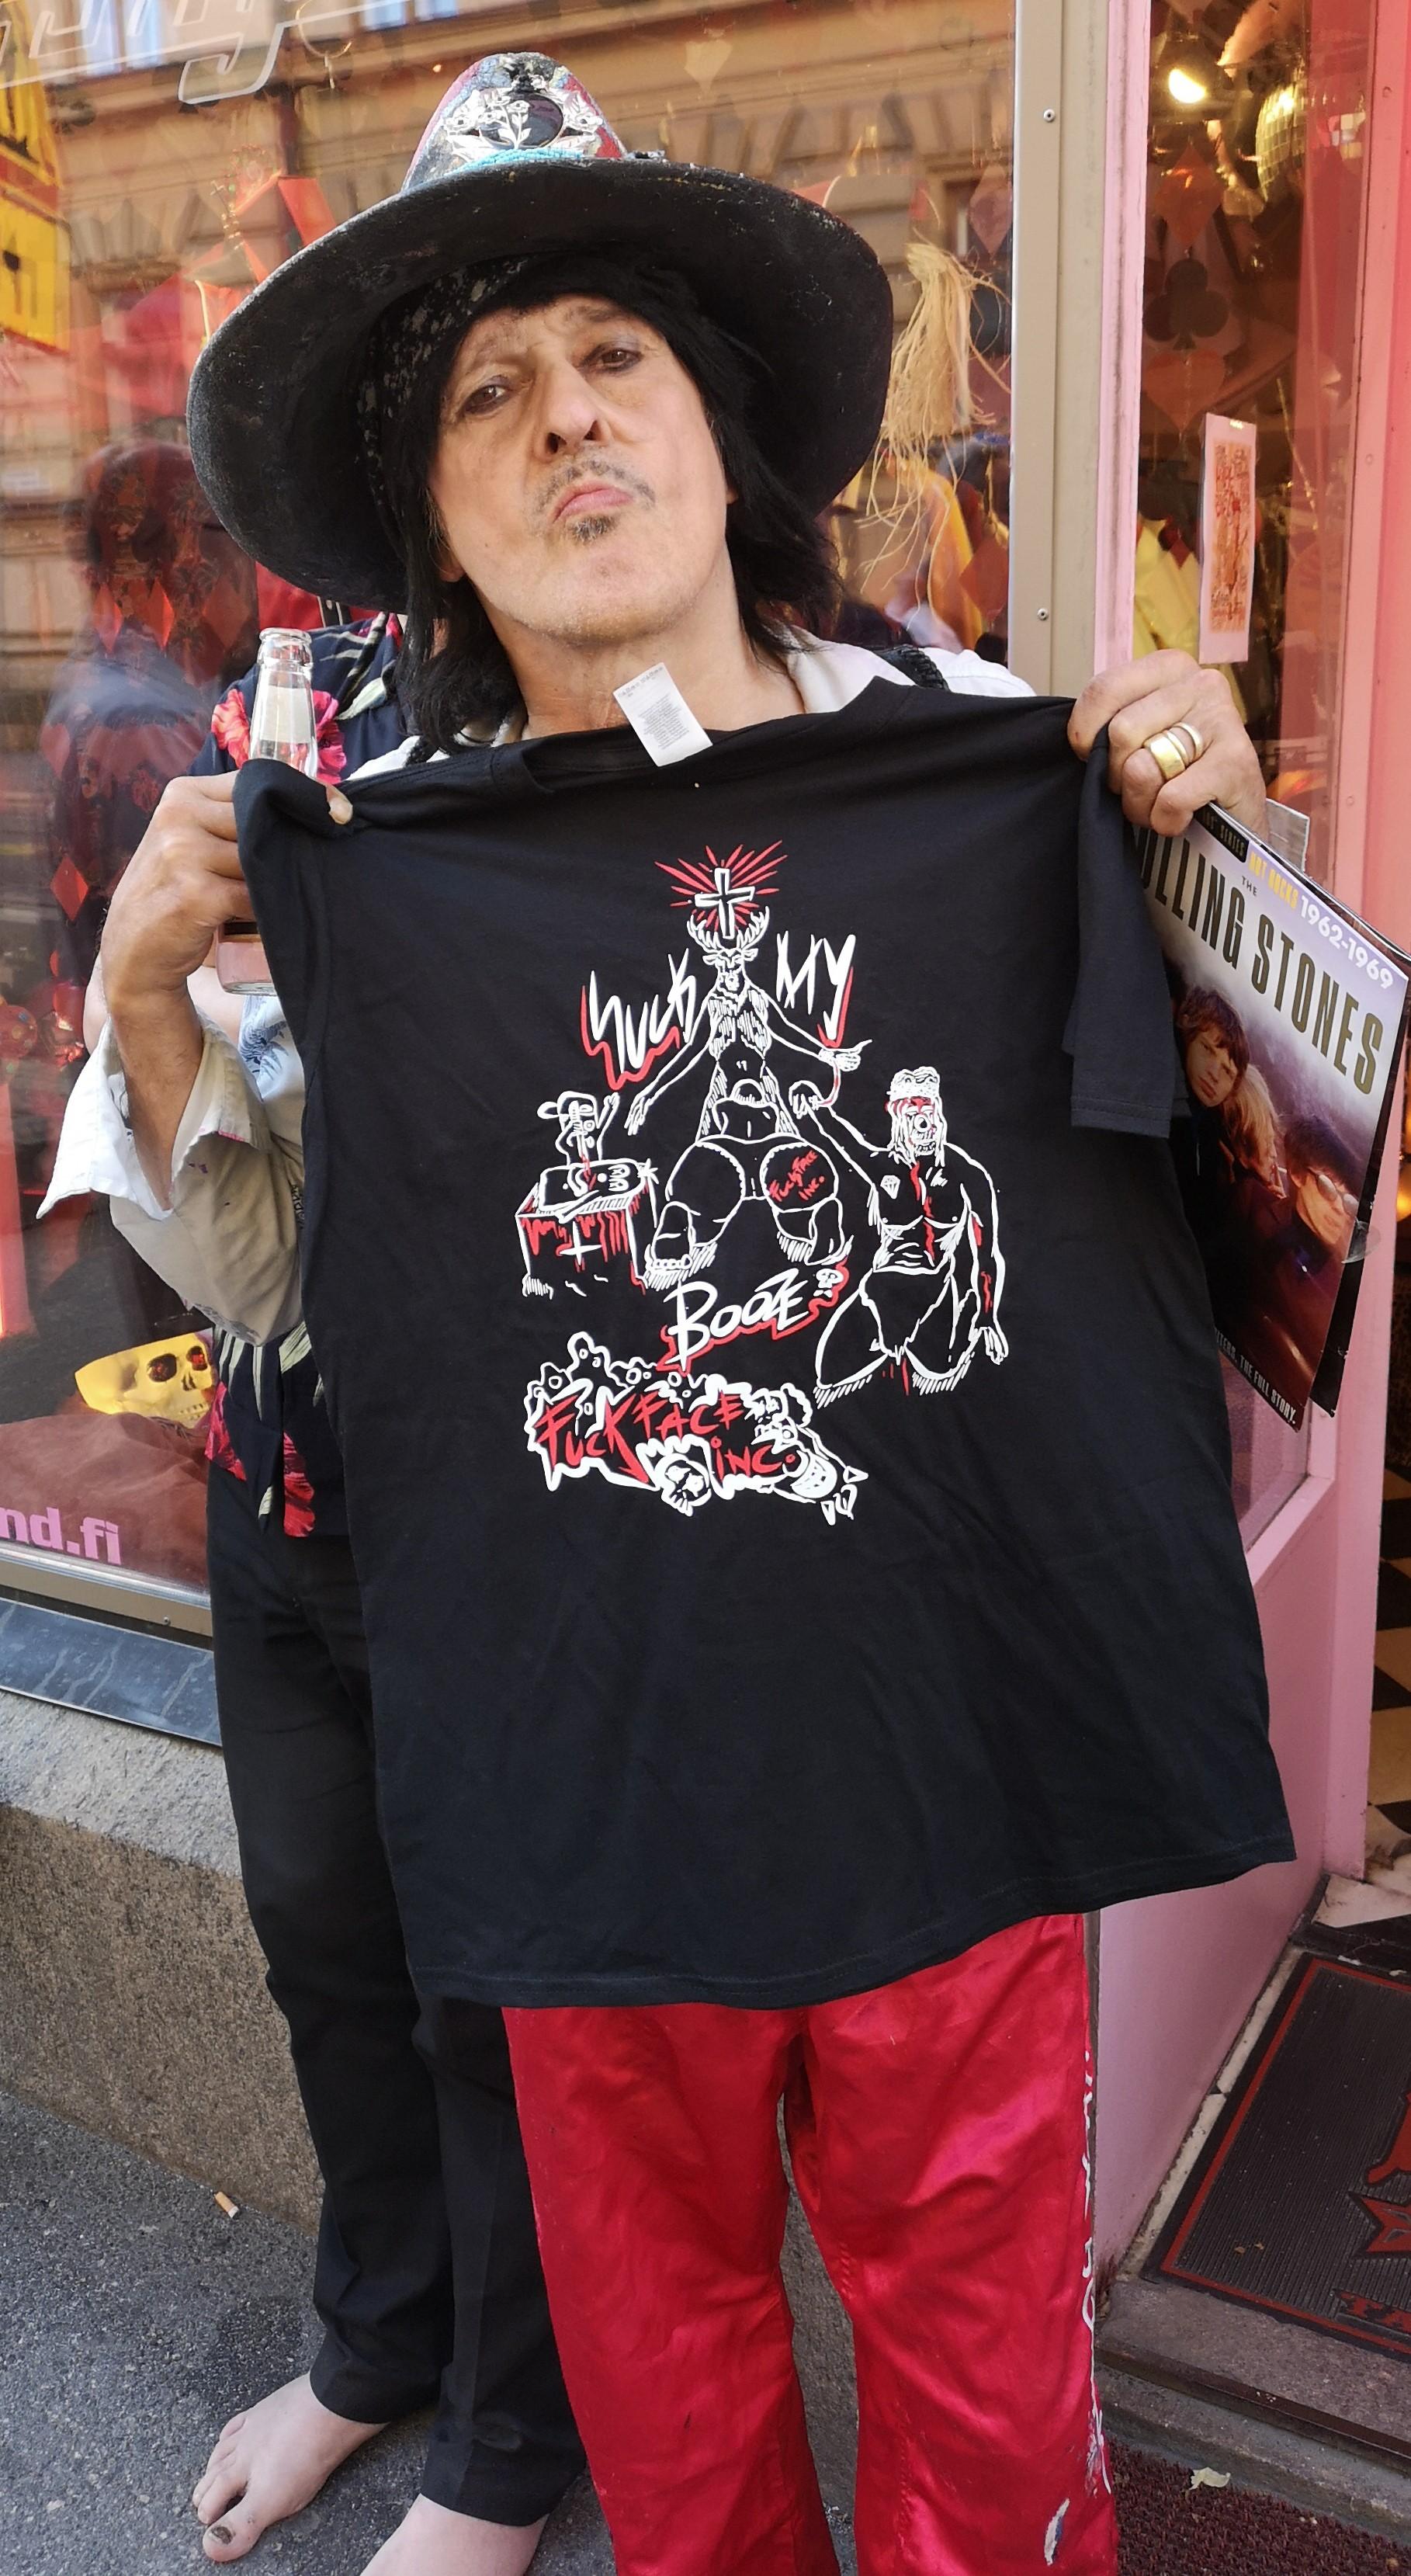 Kurkatkaa ihmeessä Andyn uusi levy, 21st Century Rocks Teuvo ainakin tykkää ja näitä paitoja saa myös Garagelandistä helsingissä. Fredrikinkatu 19. Käy noukkimassa omasi.